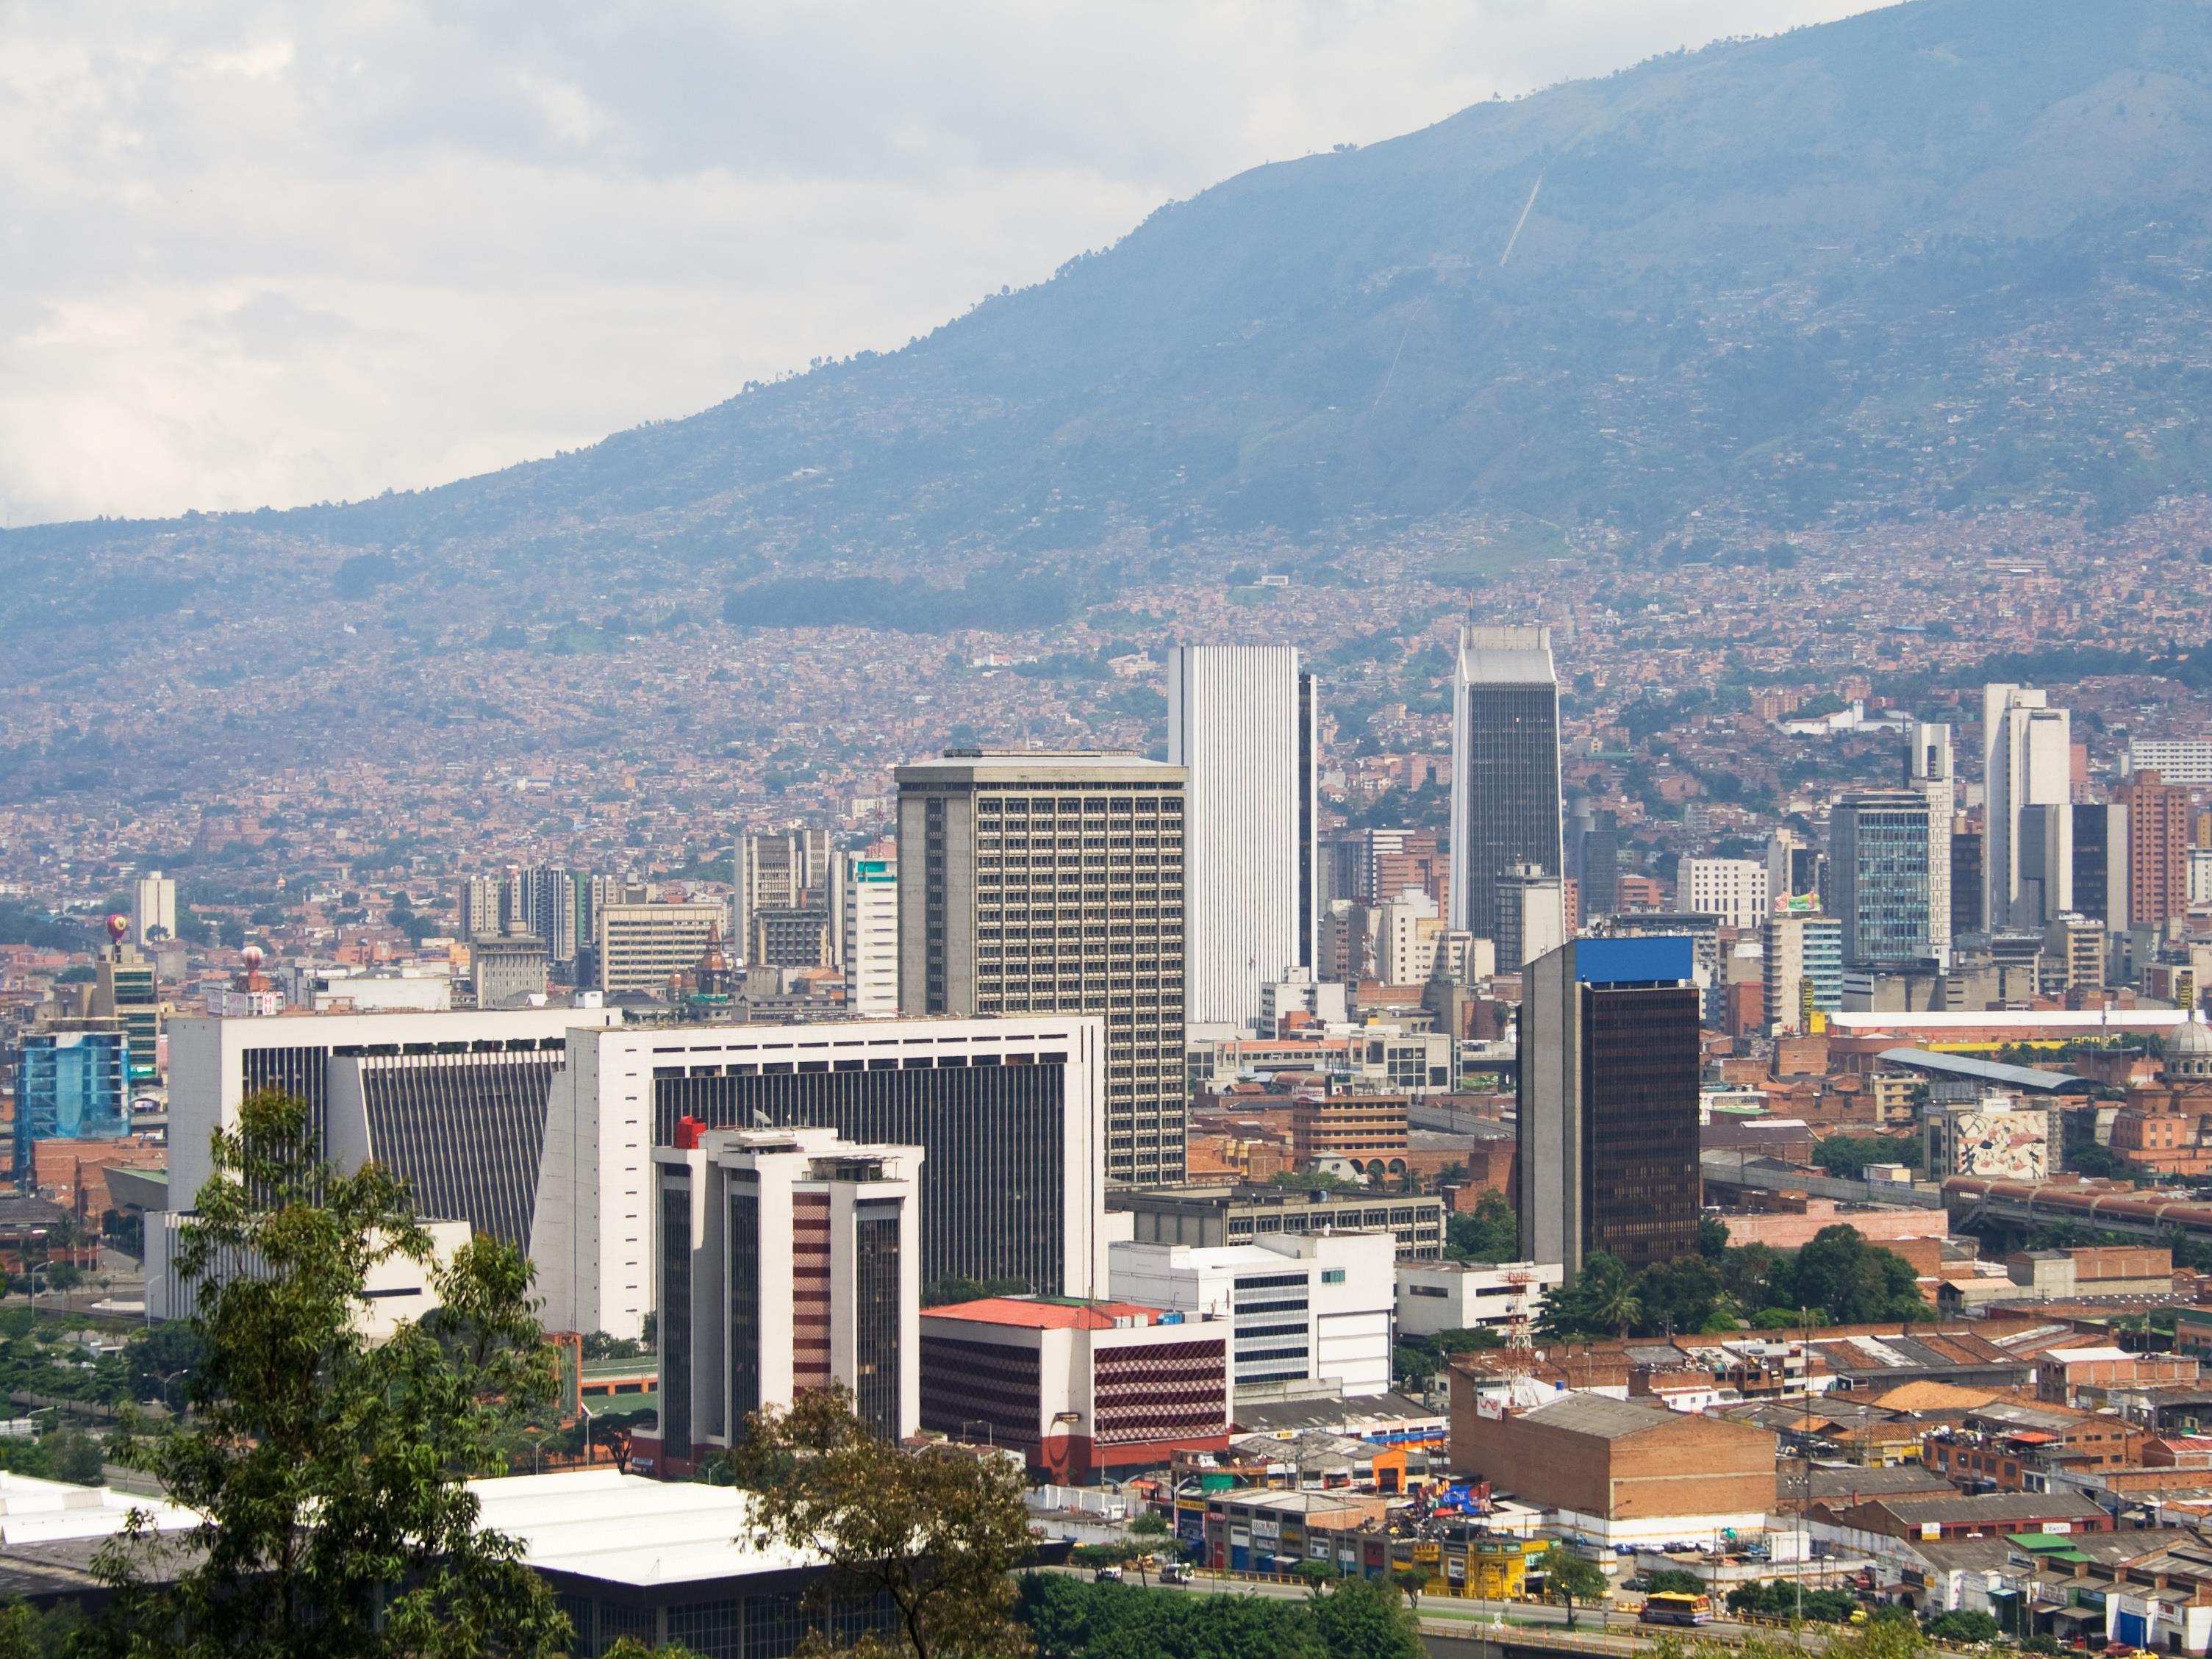 Le centre-ville de Medellin